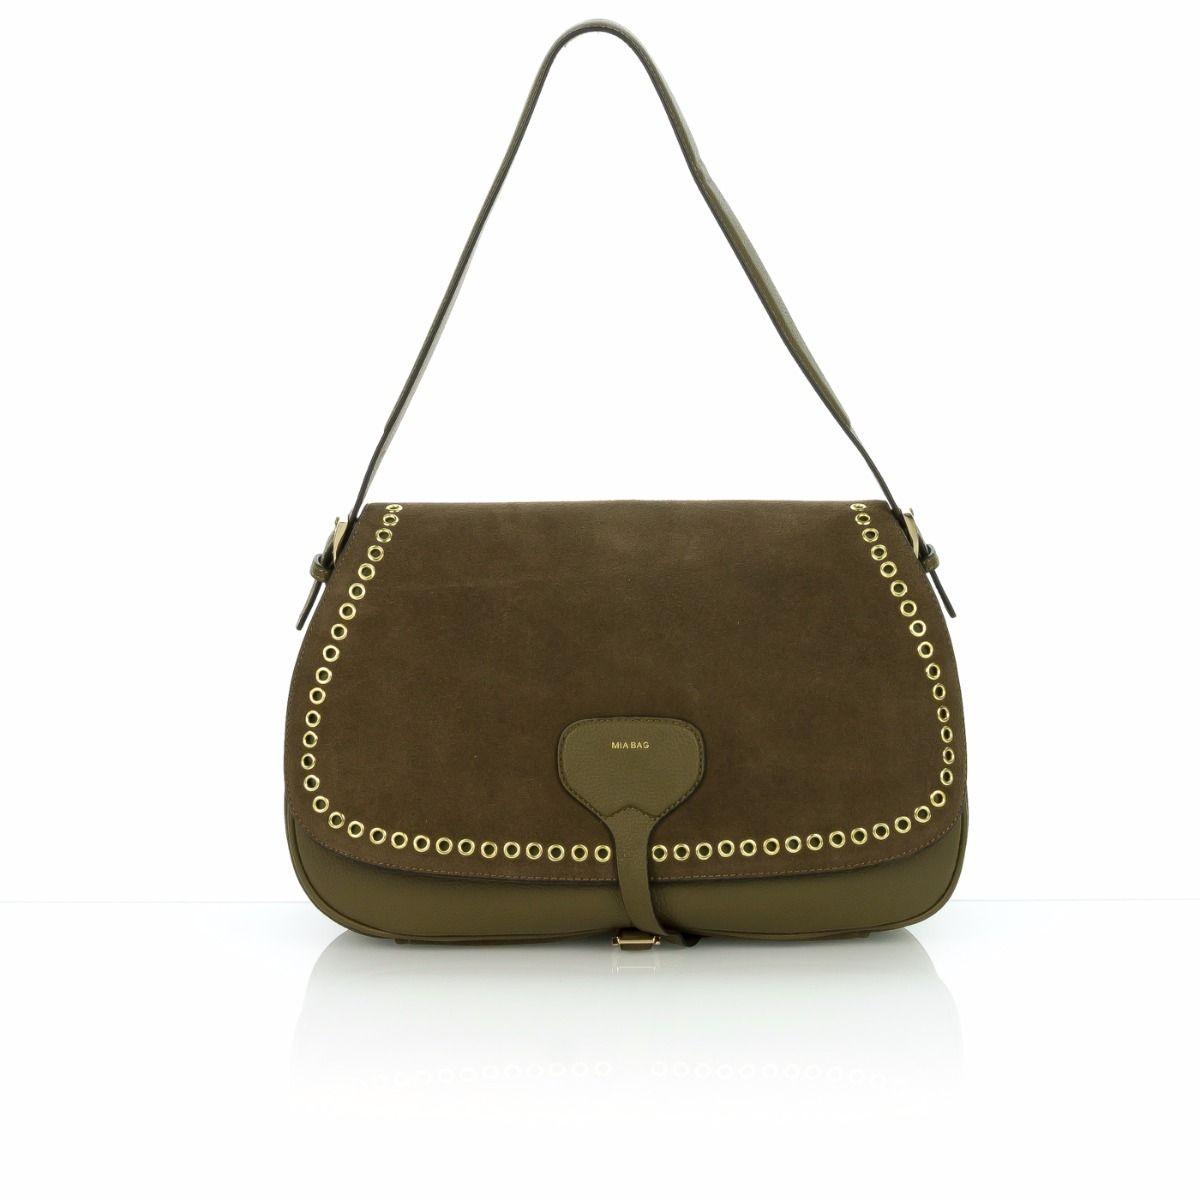 Borsa Center spedizione shoe Online Mia 17311 Bag camoscio Gratuita Militare Spalla verde shop Eyelet Maxi A Donna 1nt6Zan